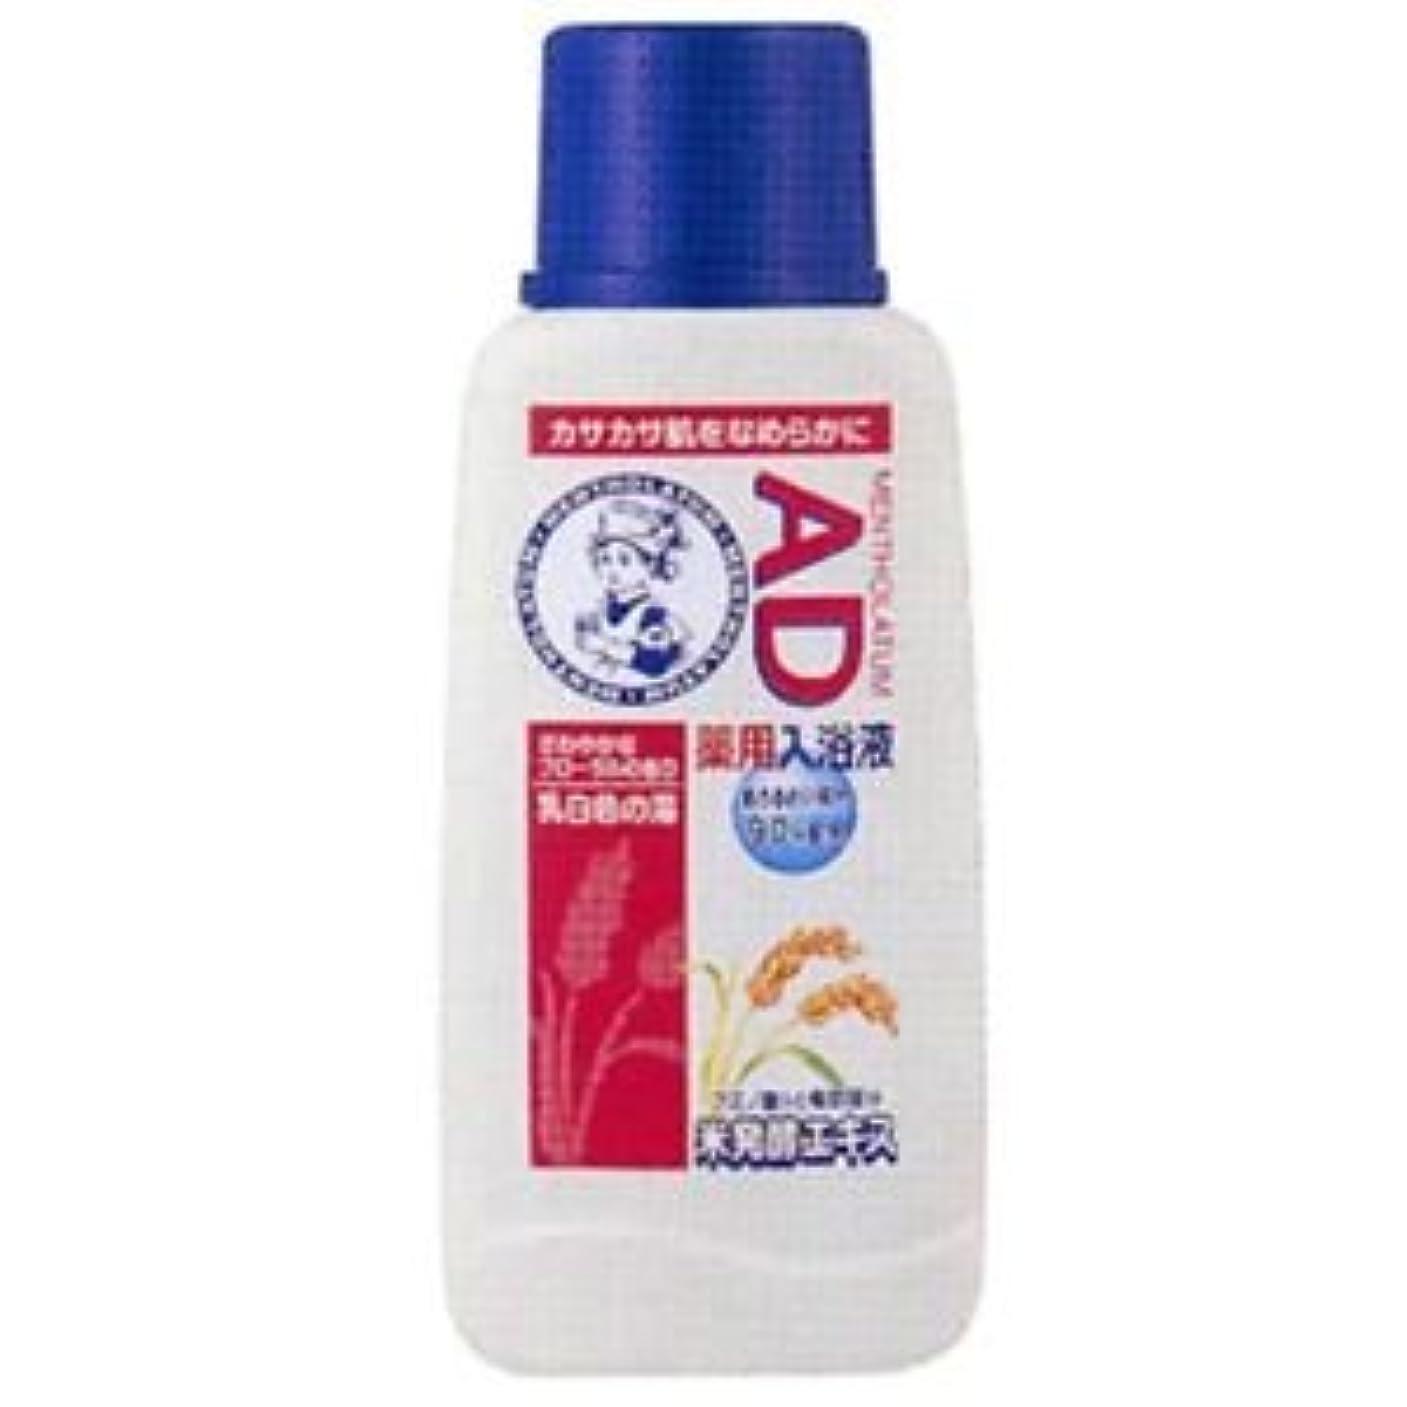 枕最も乗り出すメンソレータム AD薬用入浴剤 フローラルの香り(入浴剤) 5セット